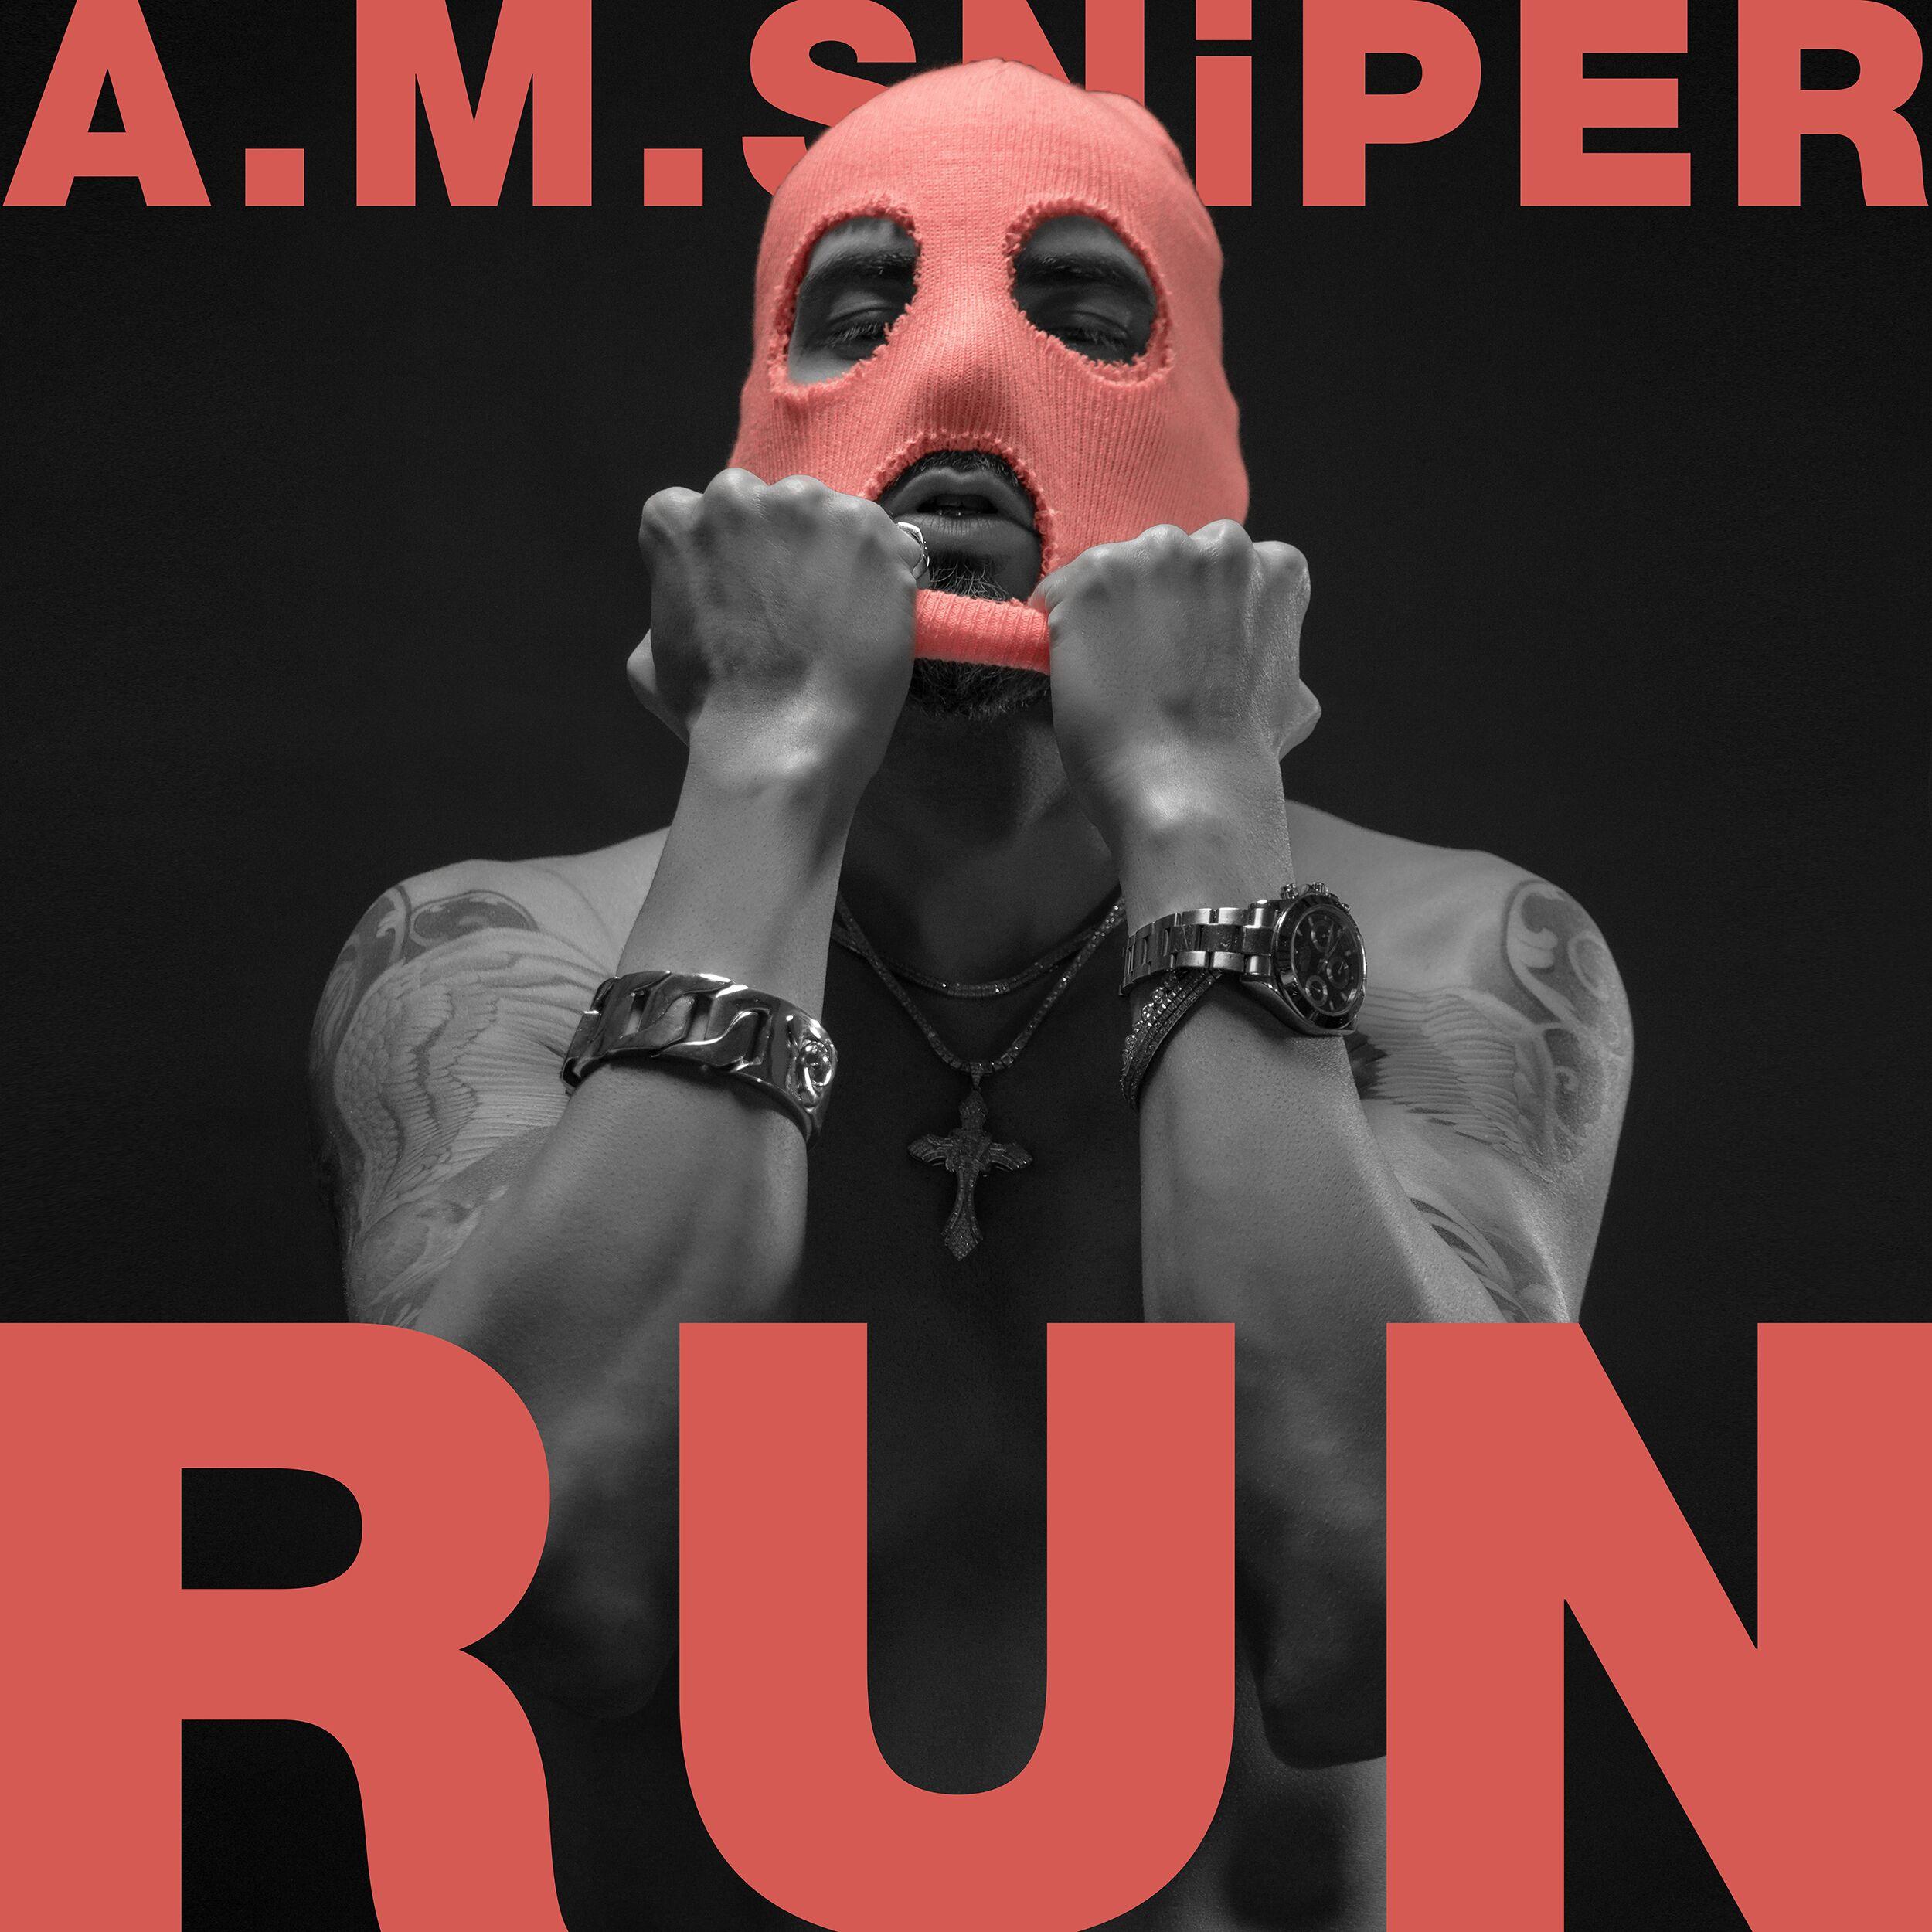 A.m. sniper run